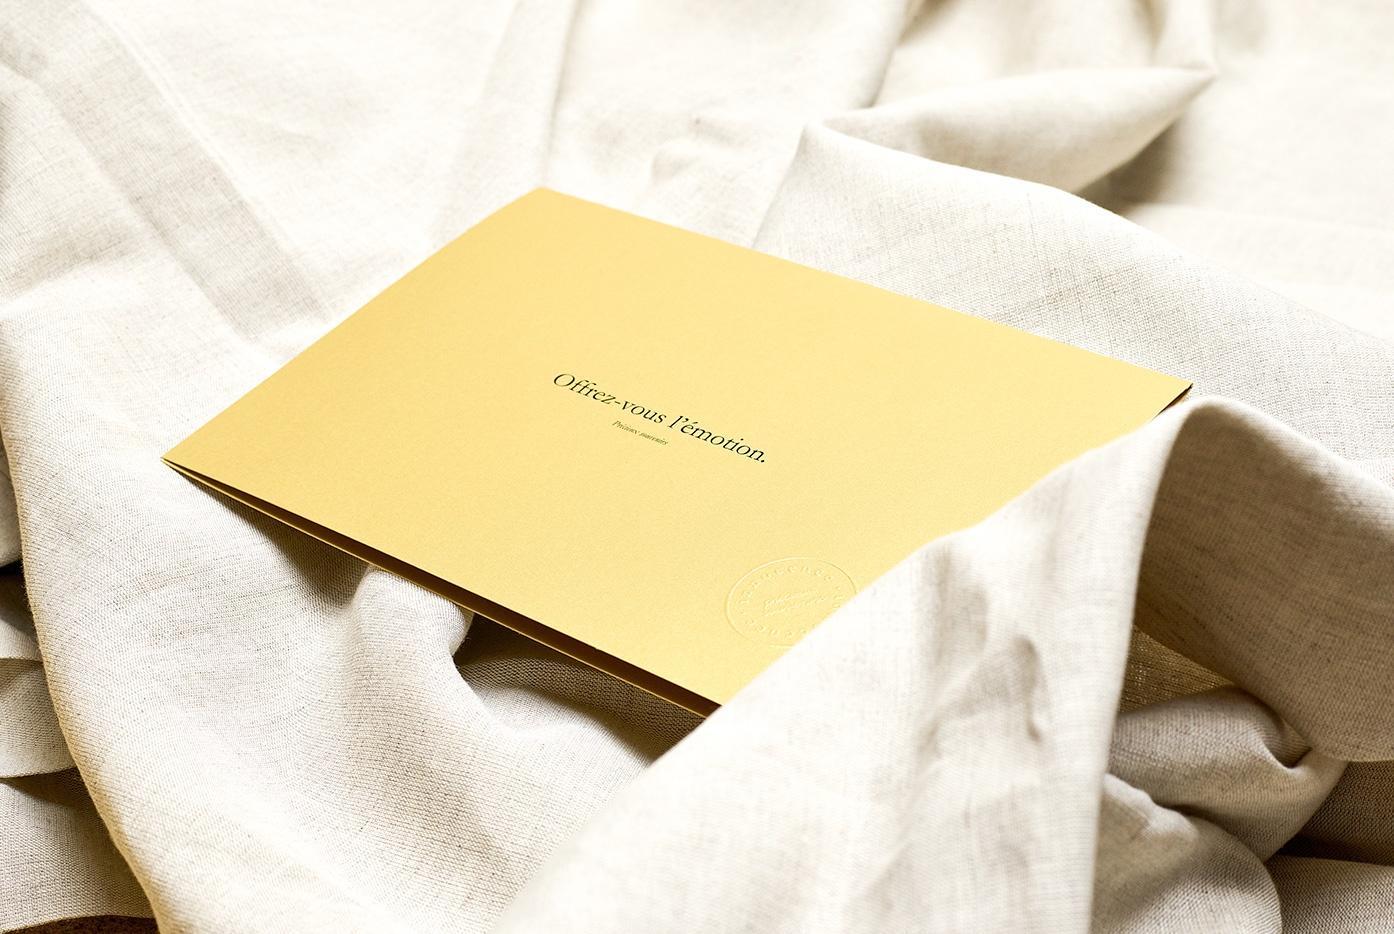 Innocence - Précieux souvenirs - carte cadeau - album personnalisé